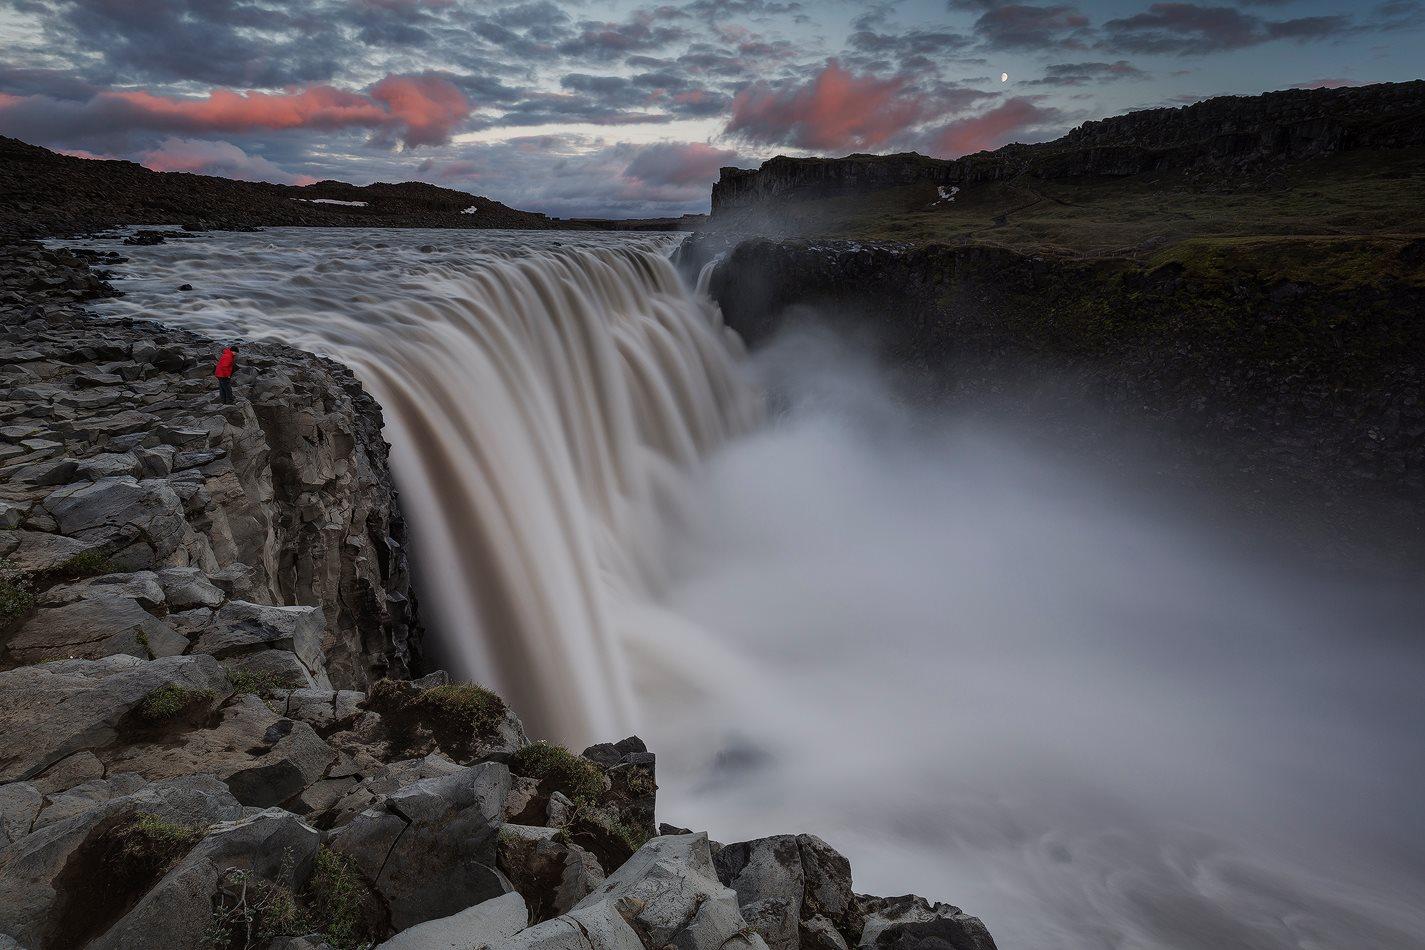 10-дневный тур | Путешествие по кольцевой дороге Исландии и Рейкьявик - day 6